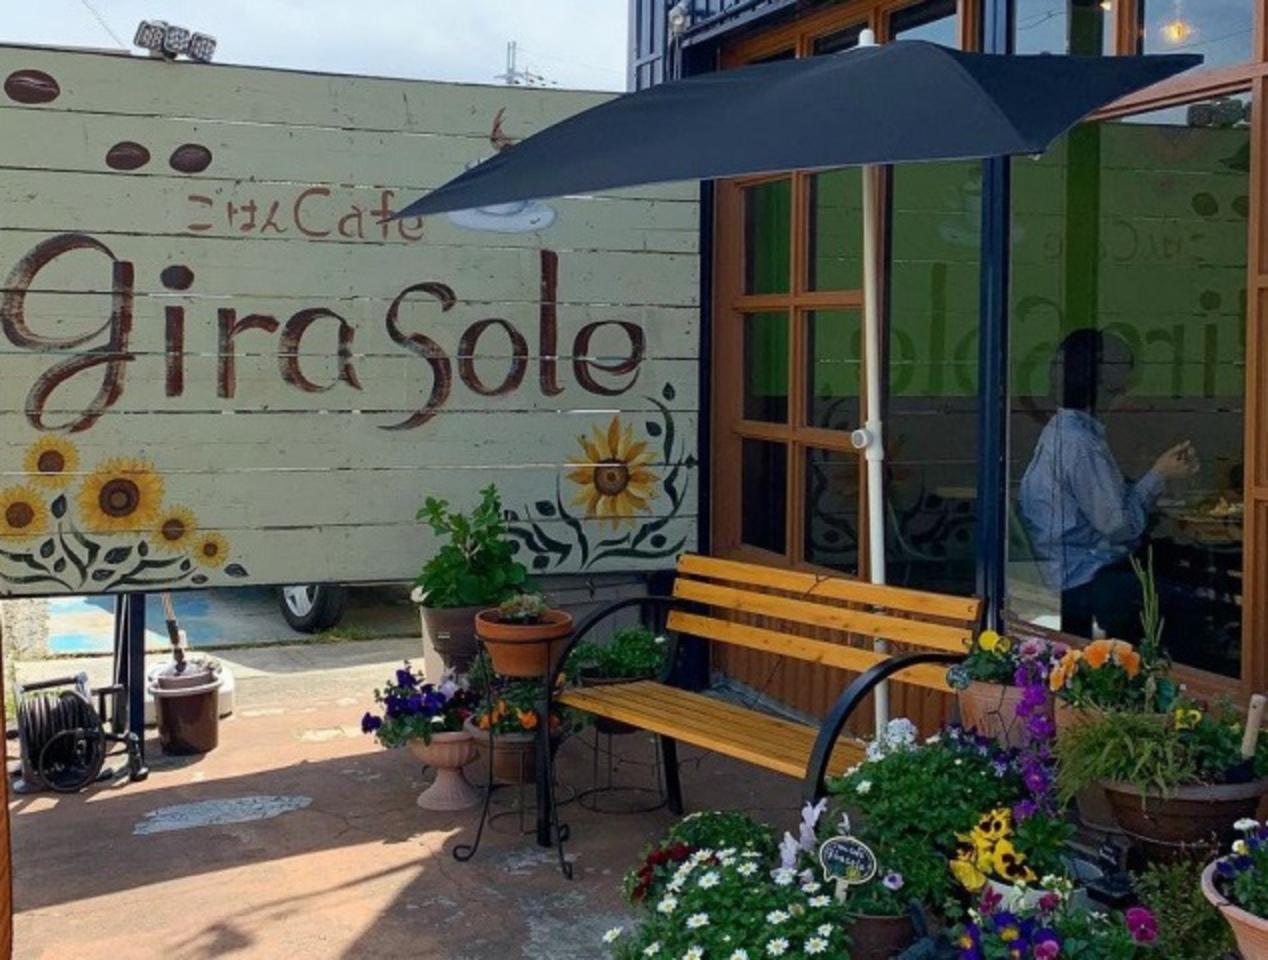 こだわりおうちごはん。。大阪府大阪狭山市ぐみの木のごはんカフェ『ジラソーレ』